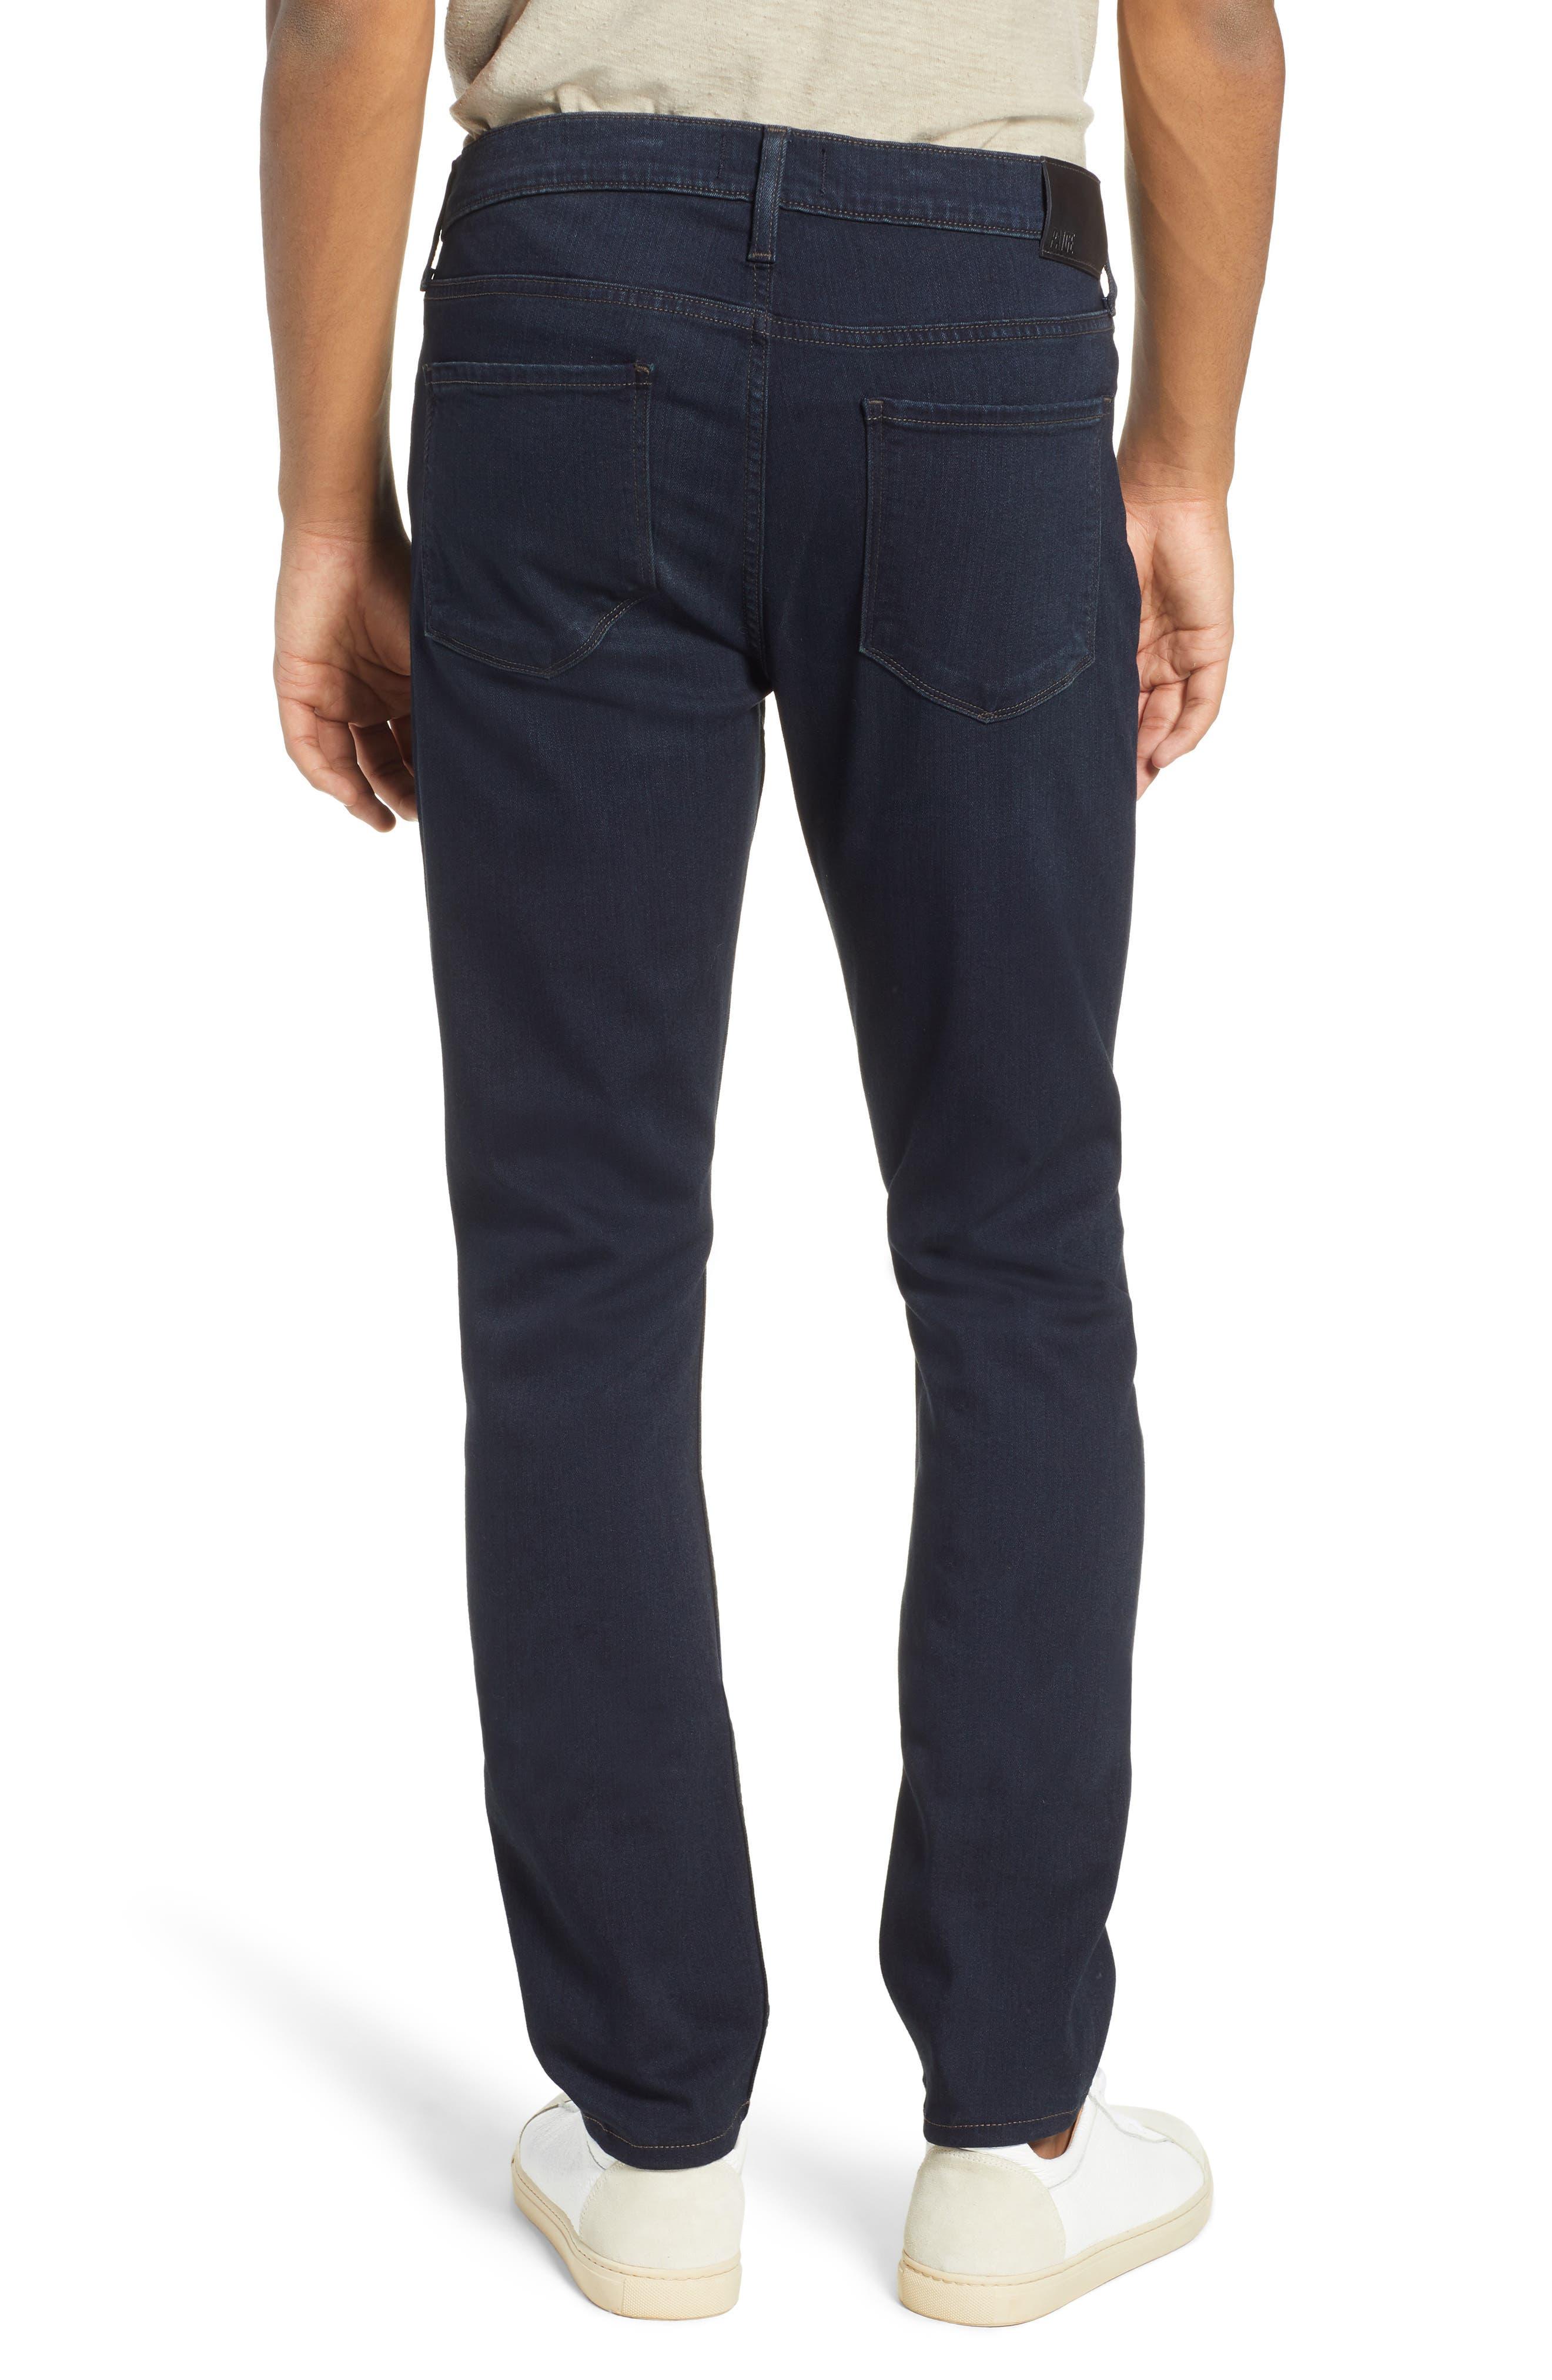 PAIGE, Transcend – Lennox Slim Fit Jeans, Alternate thumbnail 2, color, DOMINIC